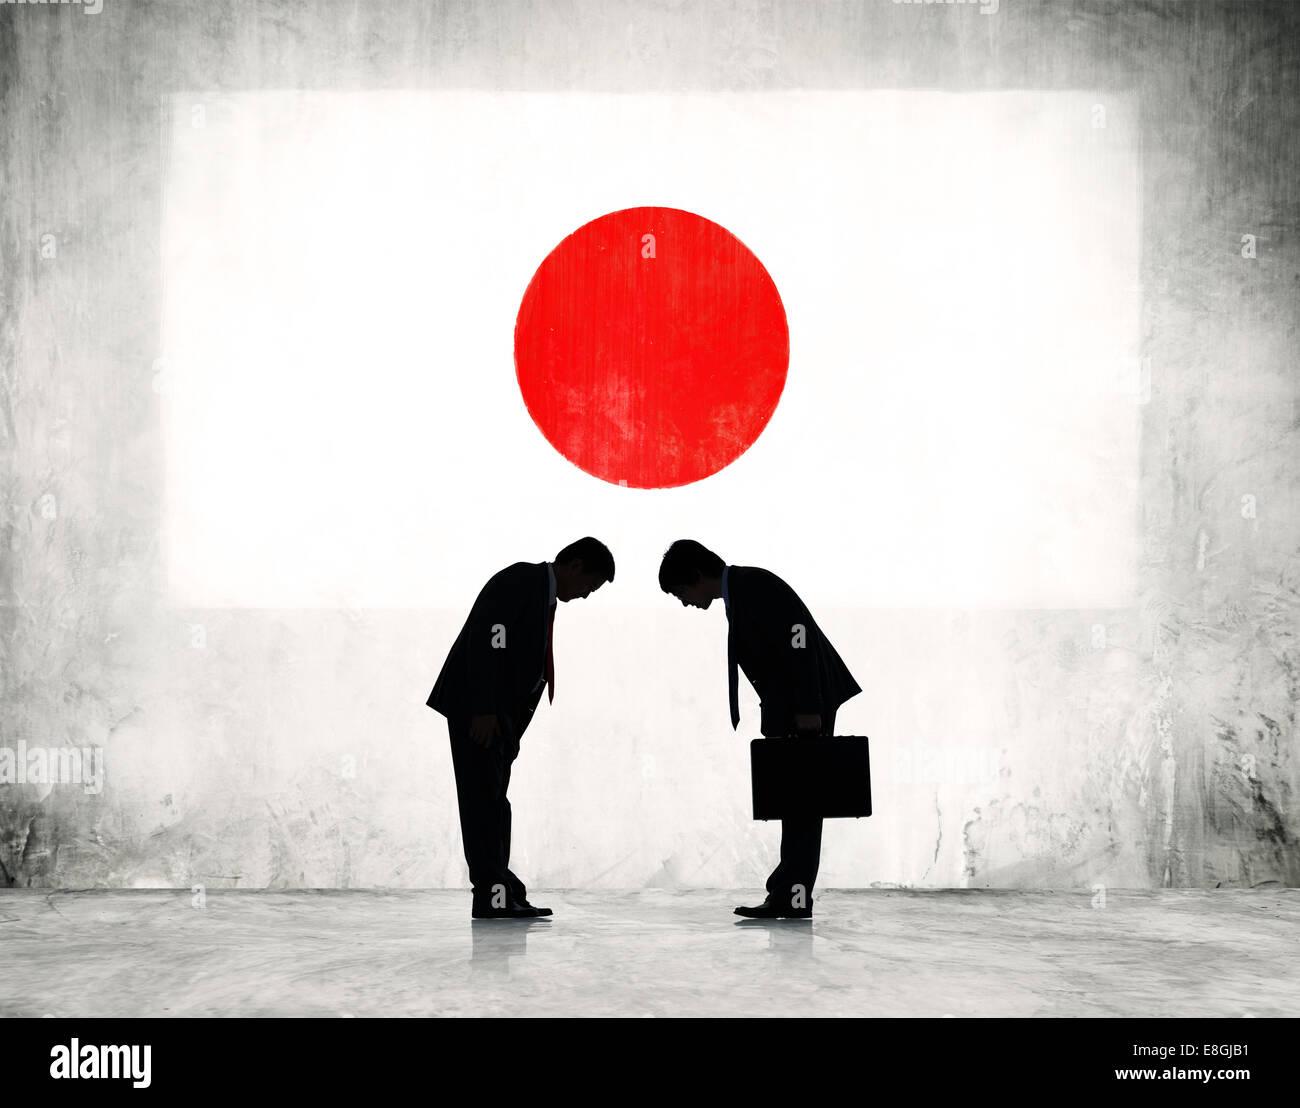 Japan Business Meeting Greeting Stock Photos Japan Business